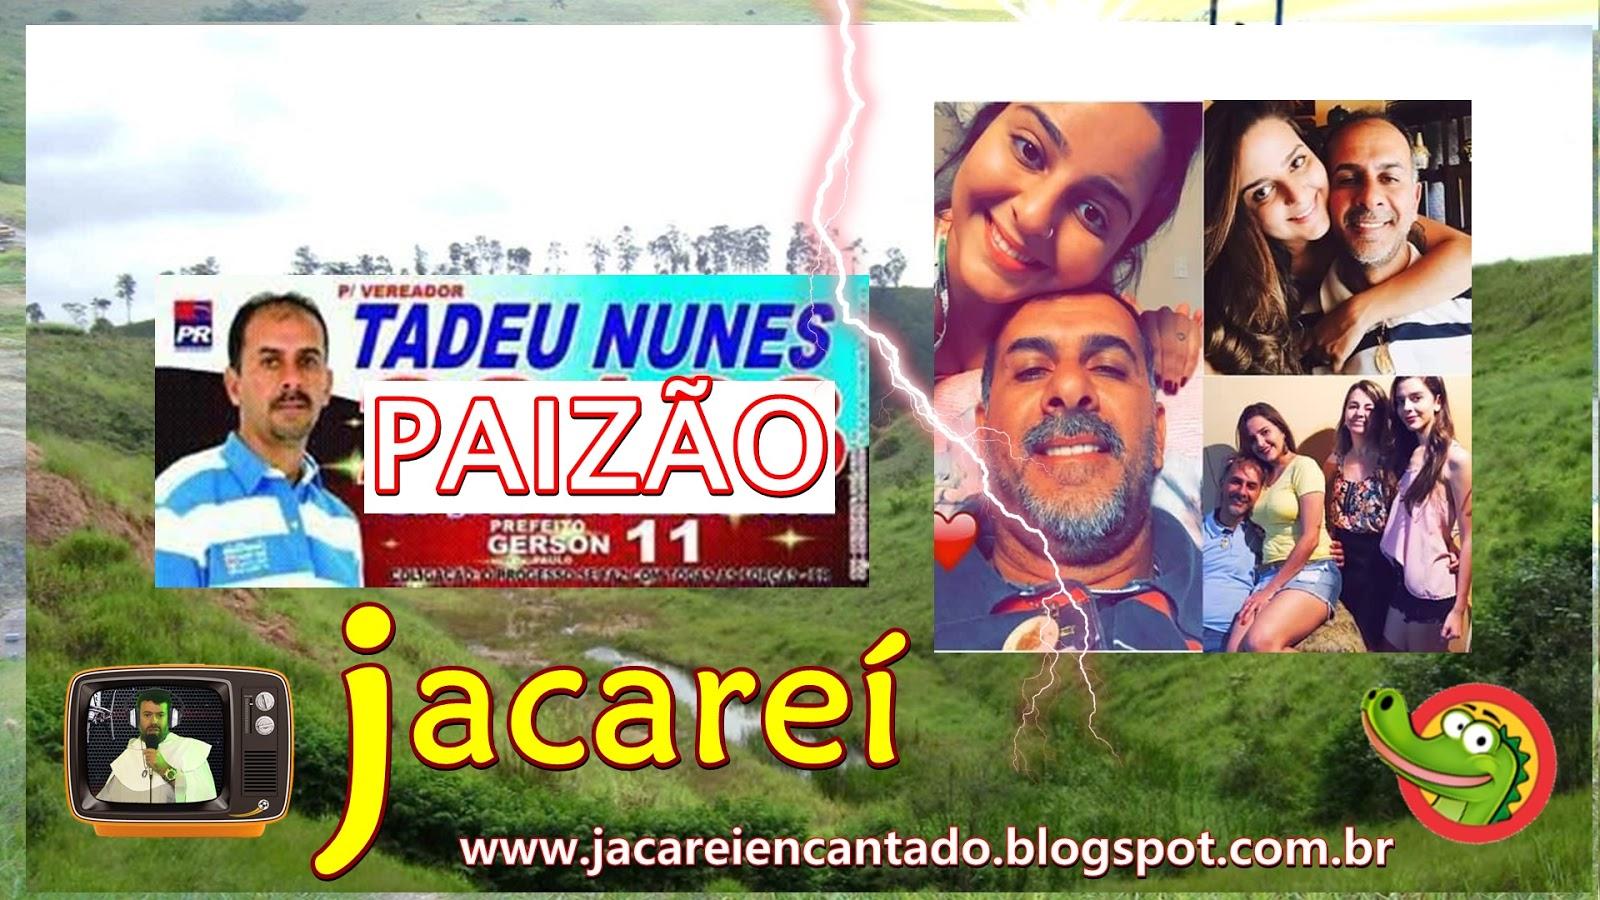 Santuário das Aparições de Jacareí SP. são falsas. são verdadeiras, farsa, photoshop, segredo, procissão, marcos tadeu, verdadeira farsa, medalha